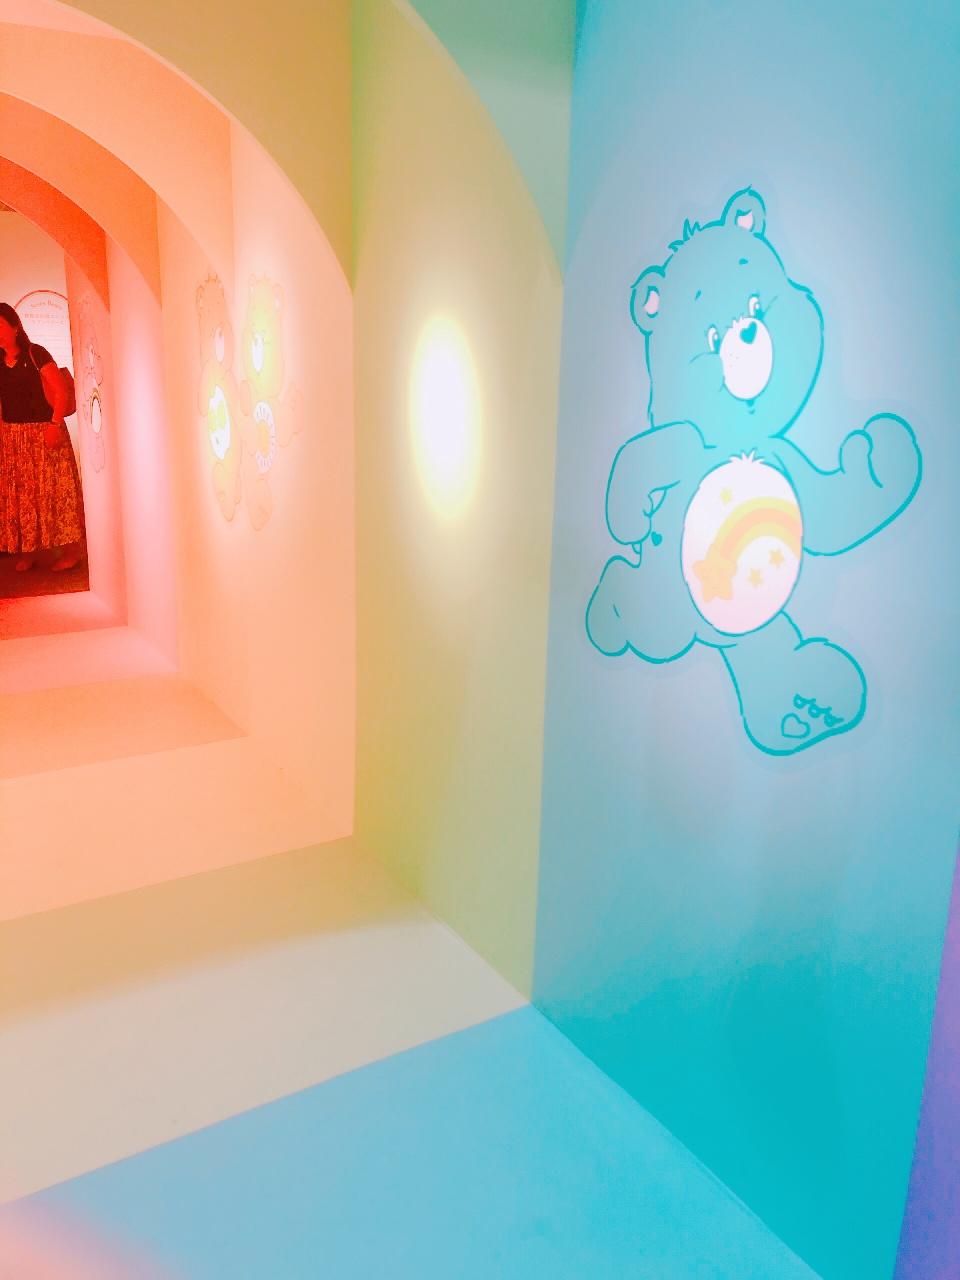 【松屋銀座特別イベント】ちびまる子ちゃん展とケアベア展に行ってきました(^^)_5